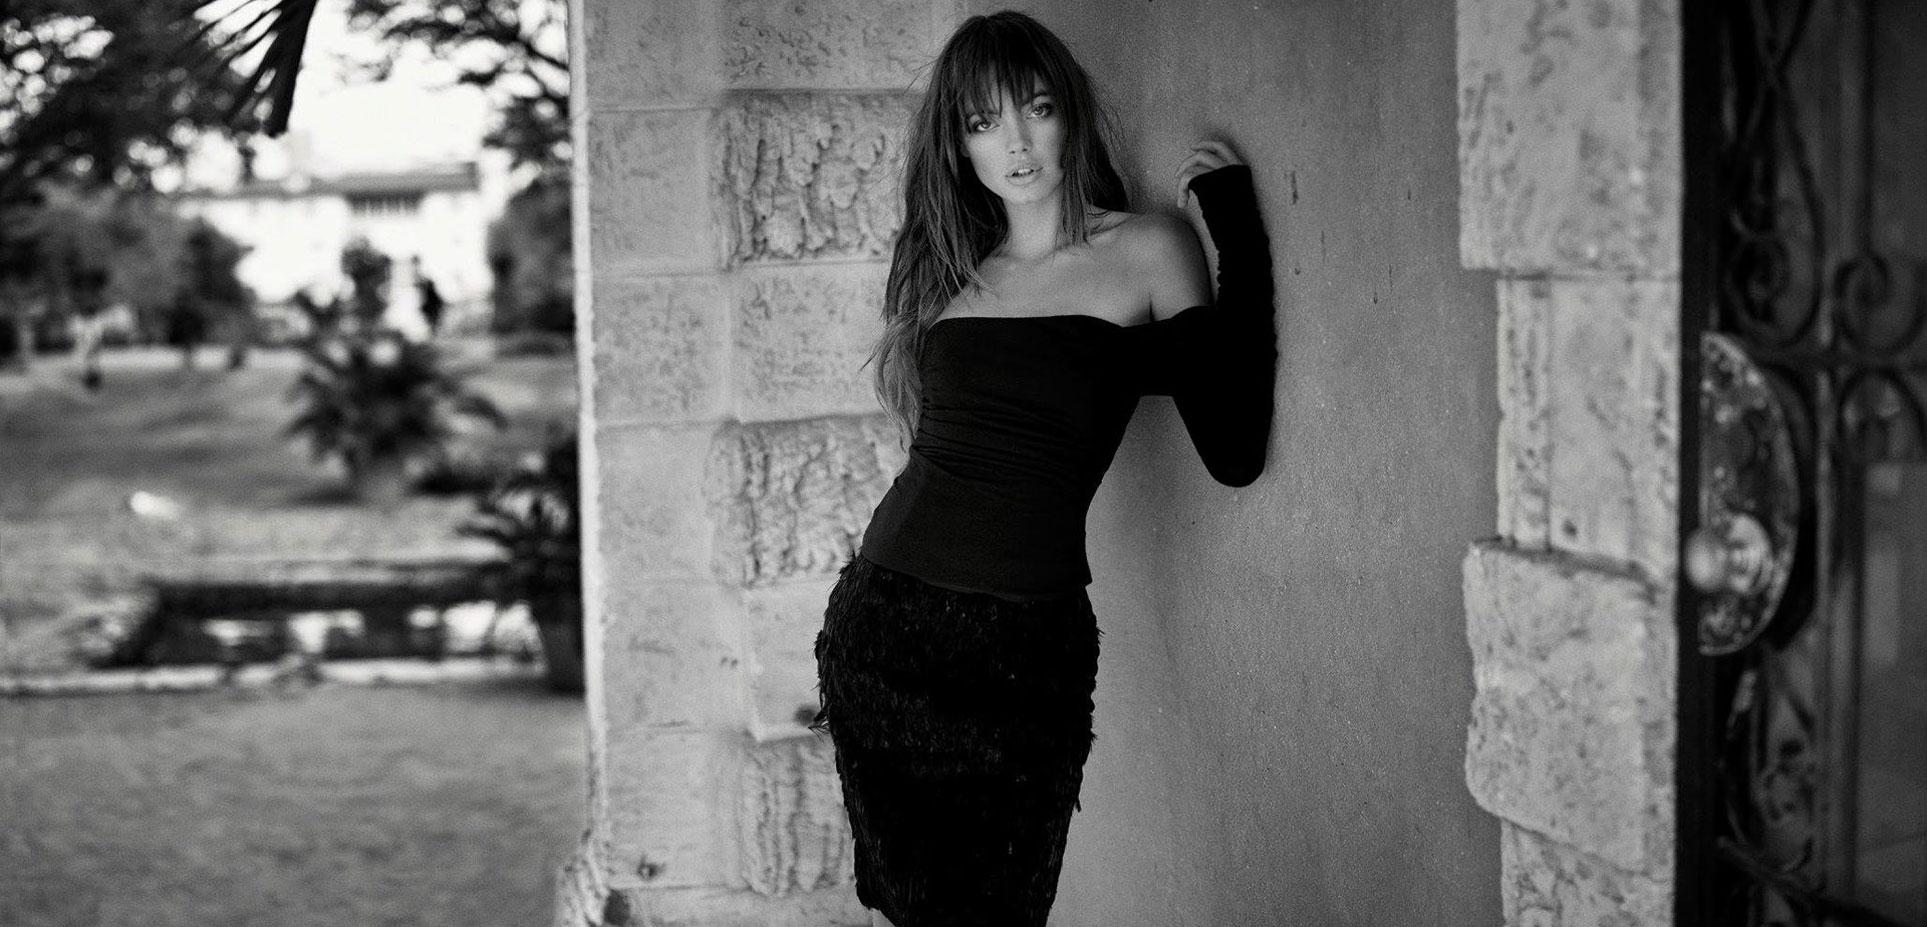 Кристина Перич прогуливатся по Вилле Визкайя / фото 01